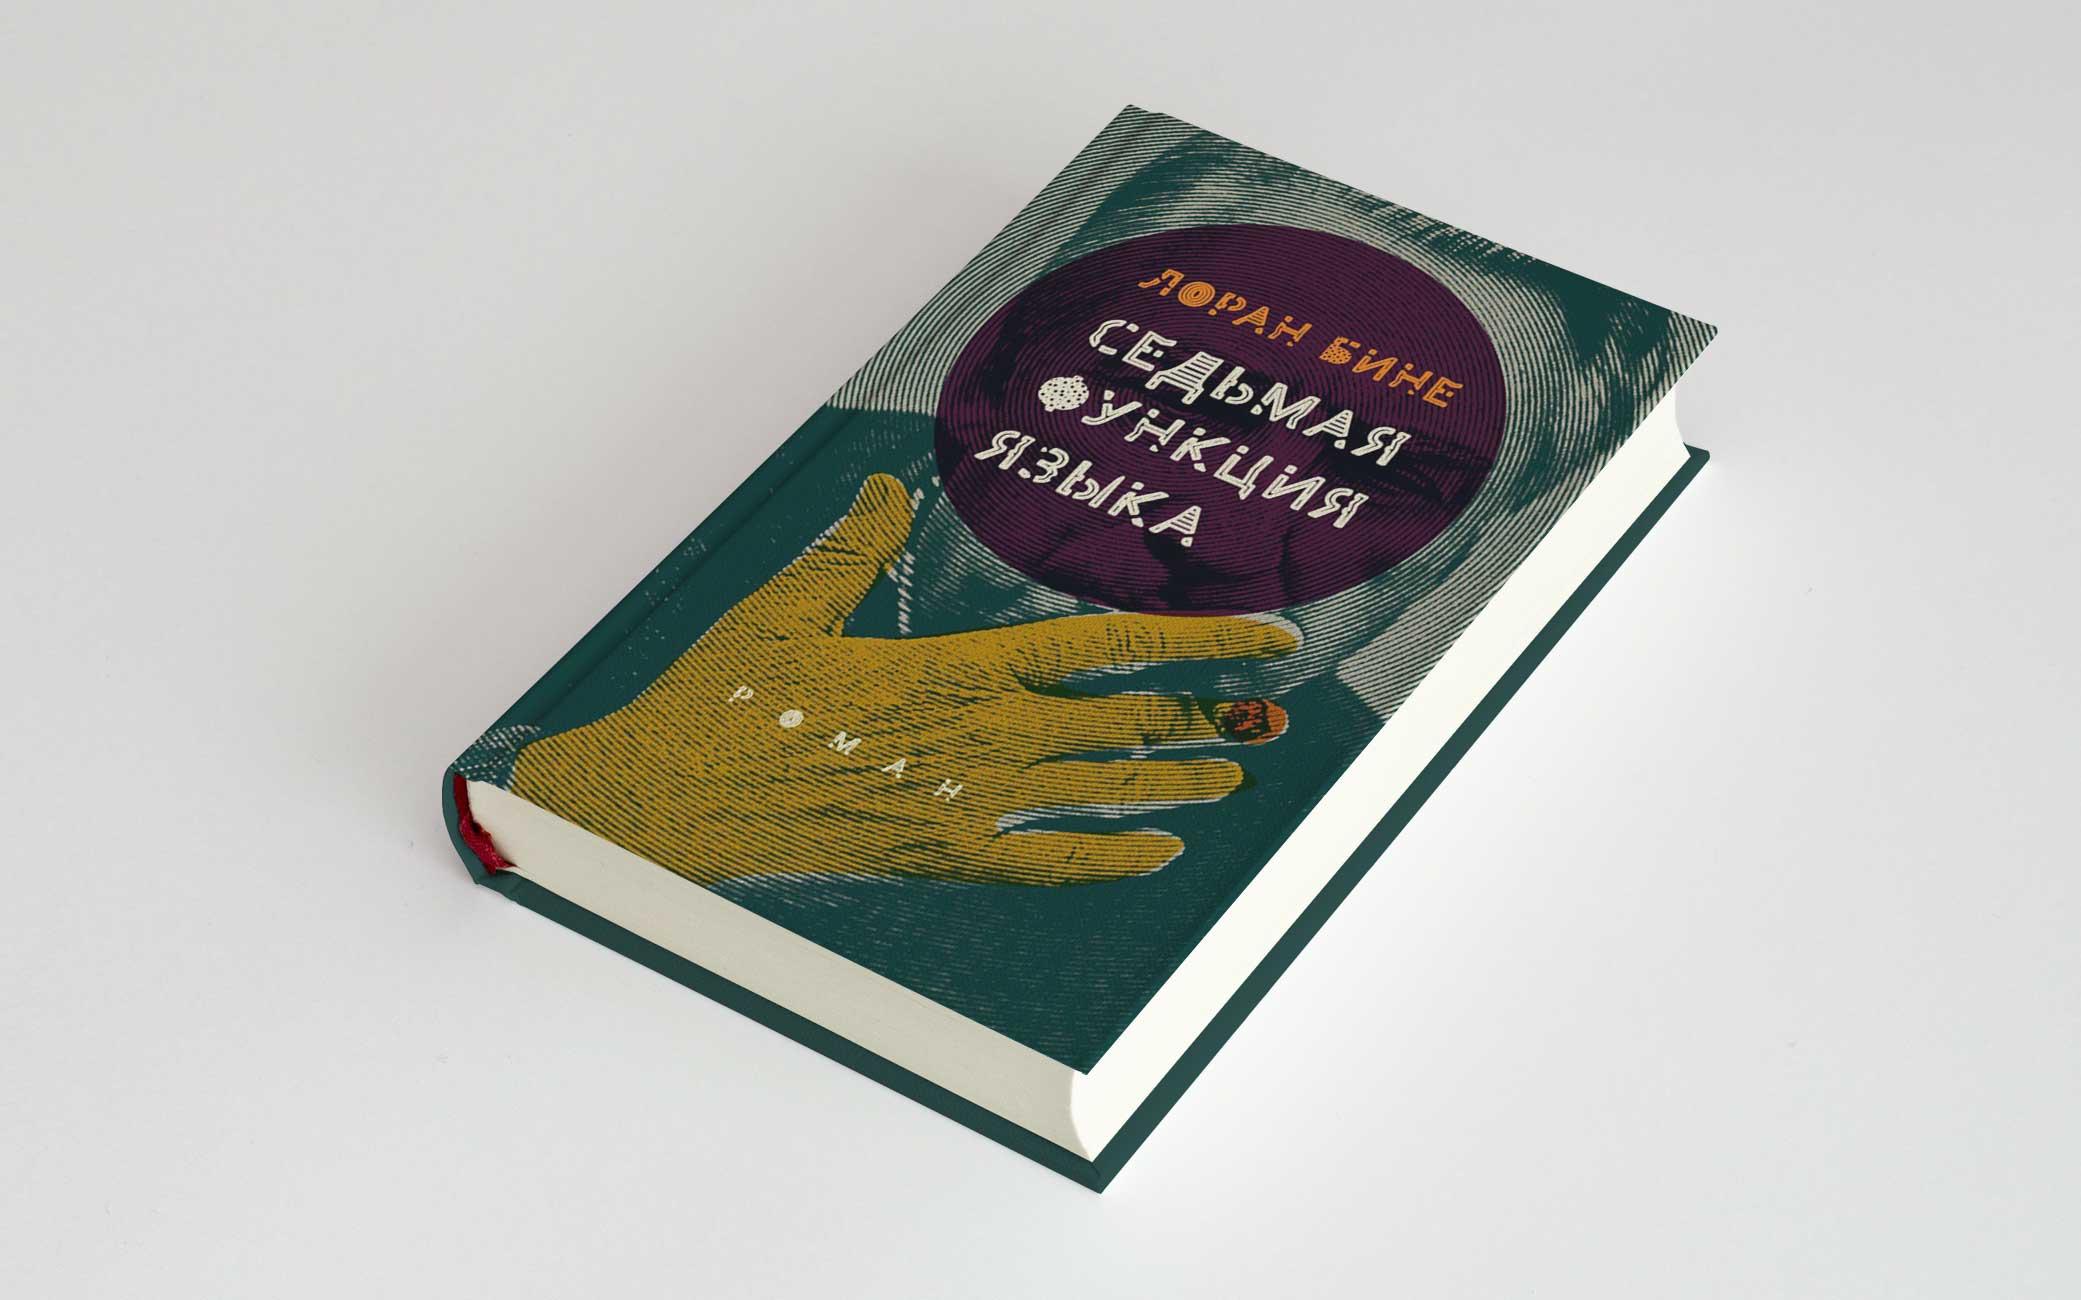 «Издательство Ивана Лимбаха», пер. А. Захаревич